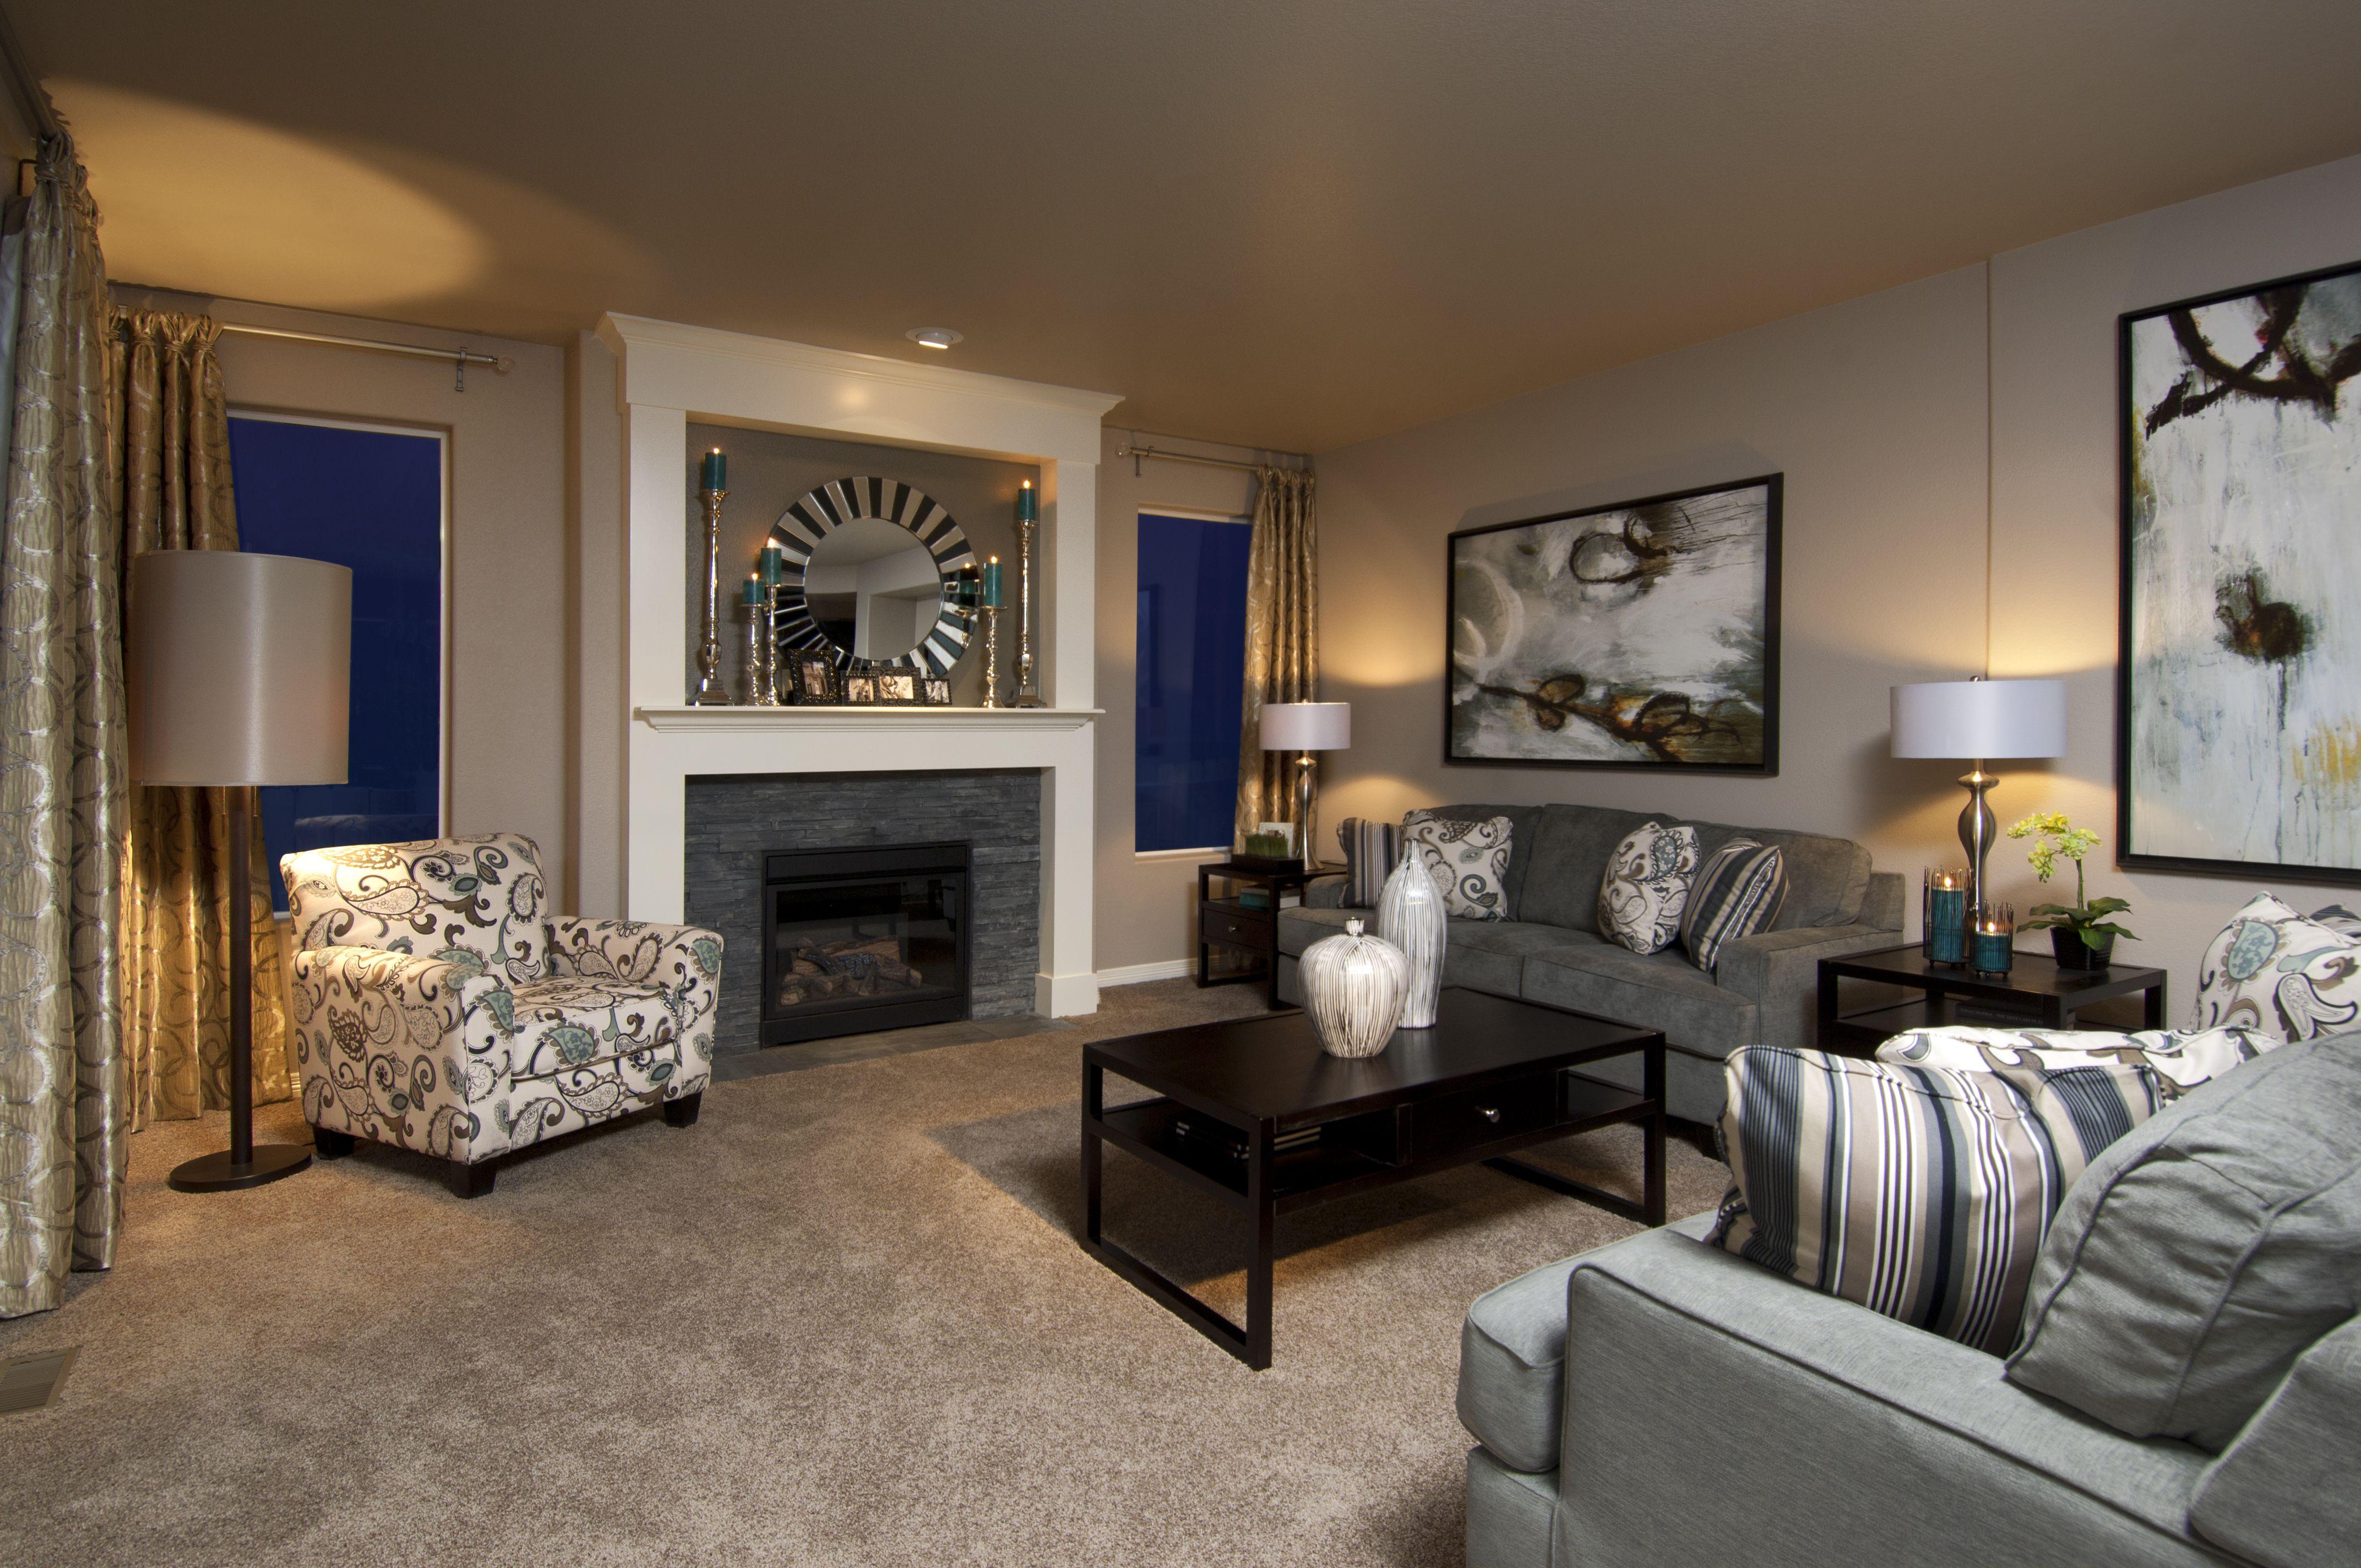 Colorado Springs New Homes Home Design Reunion Homes Interior Design Christy Ca Interior Design 2017 Interior Design Instagram Beautiful Interior Design